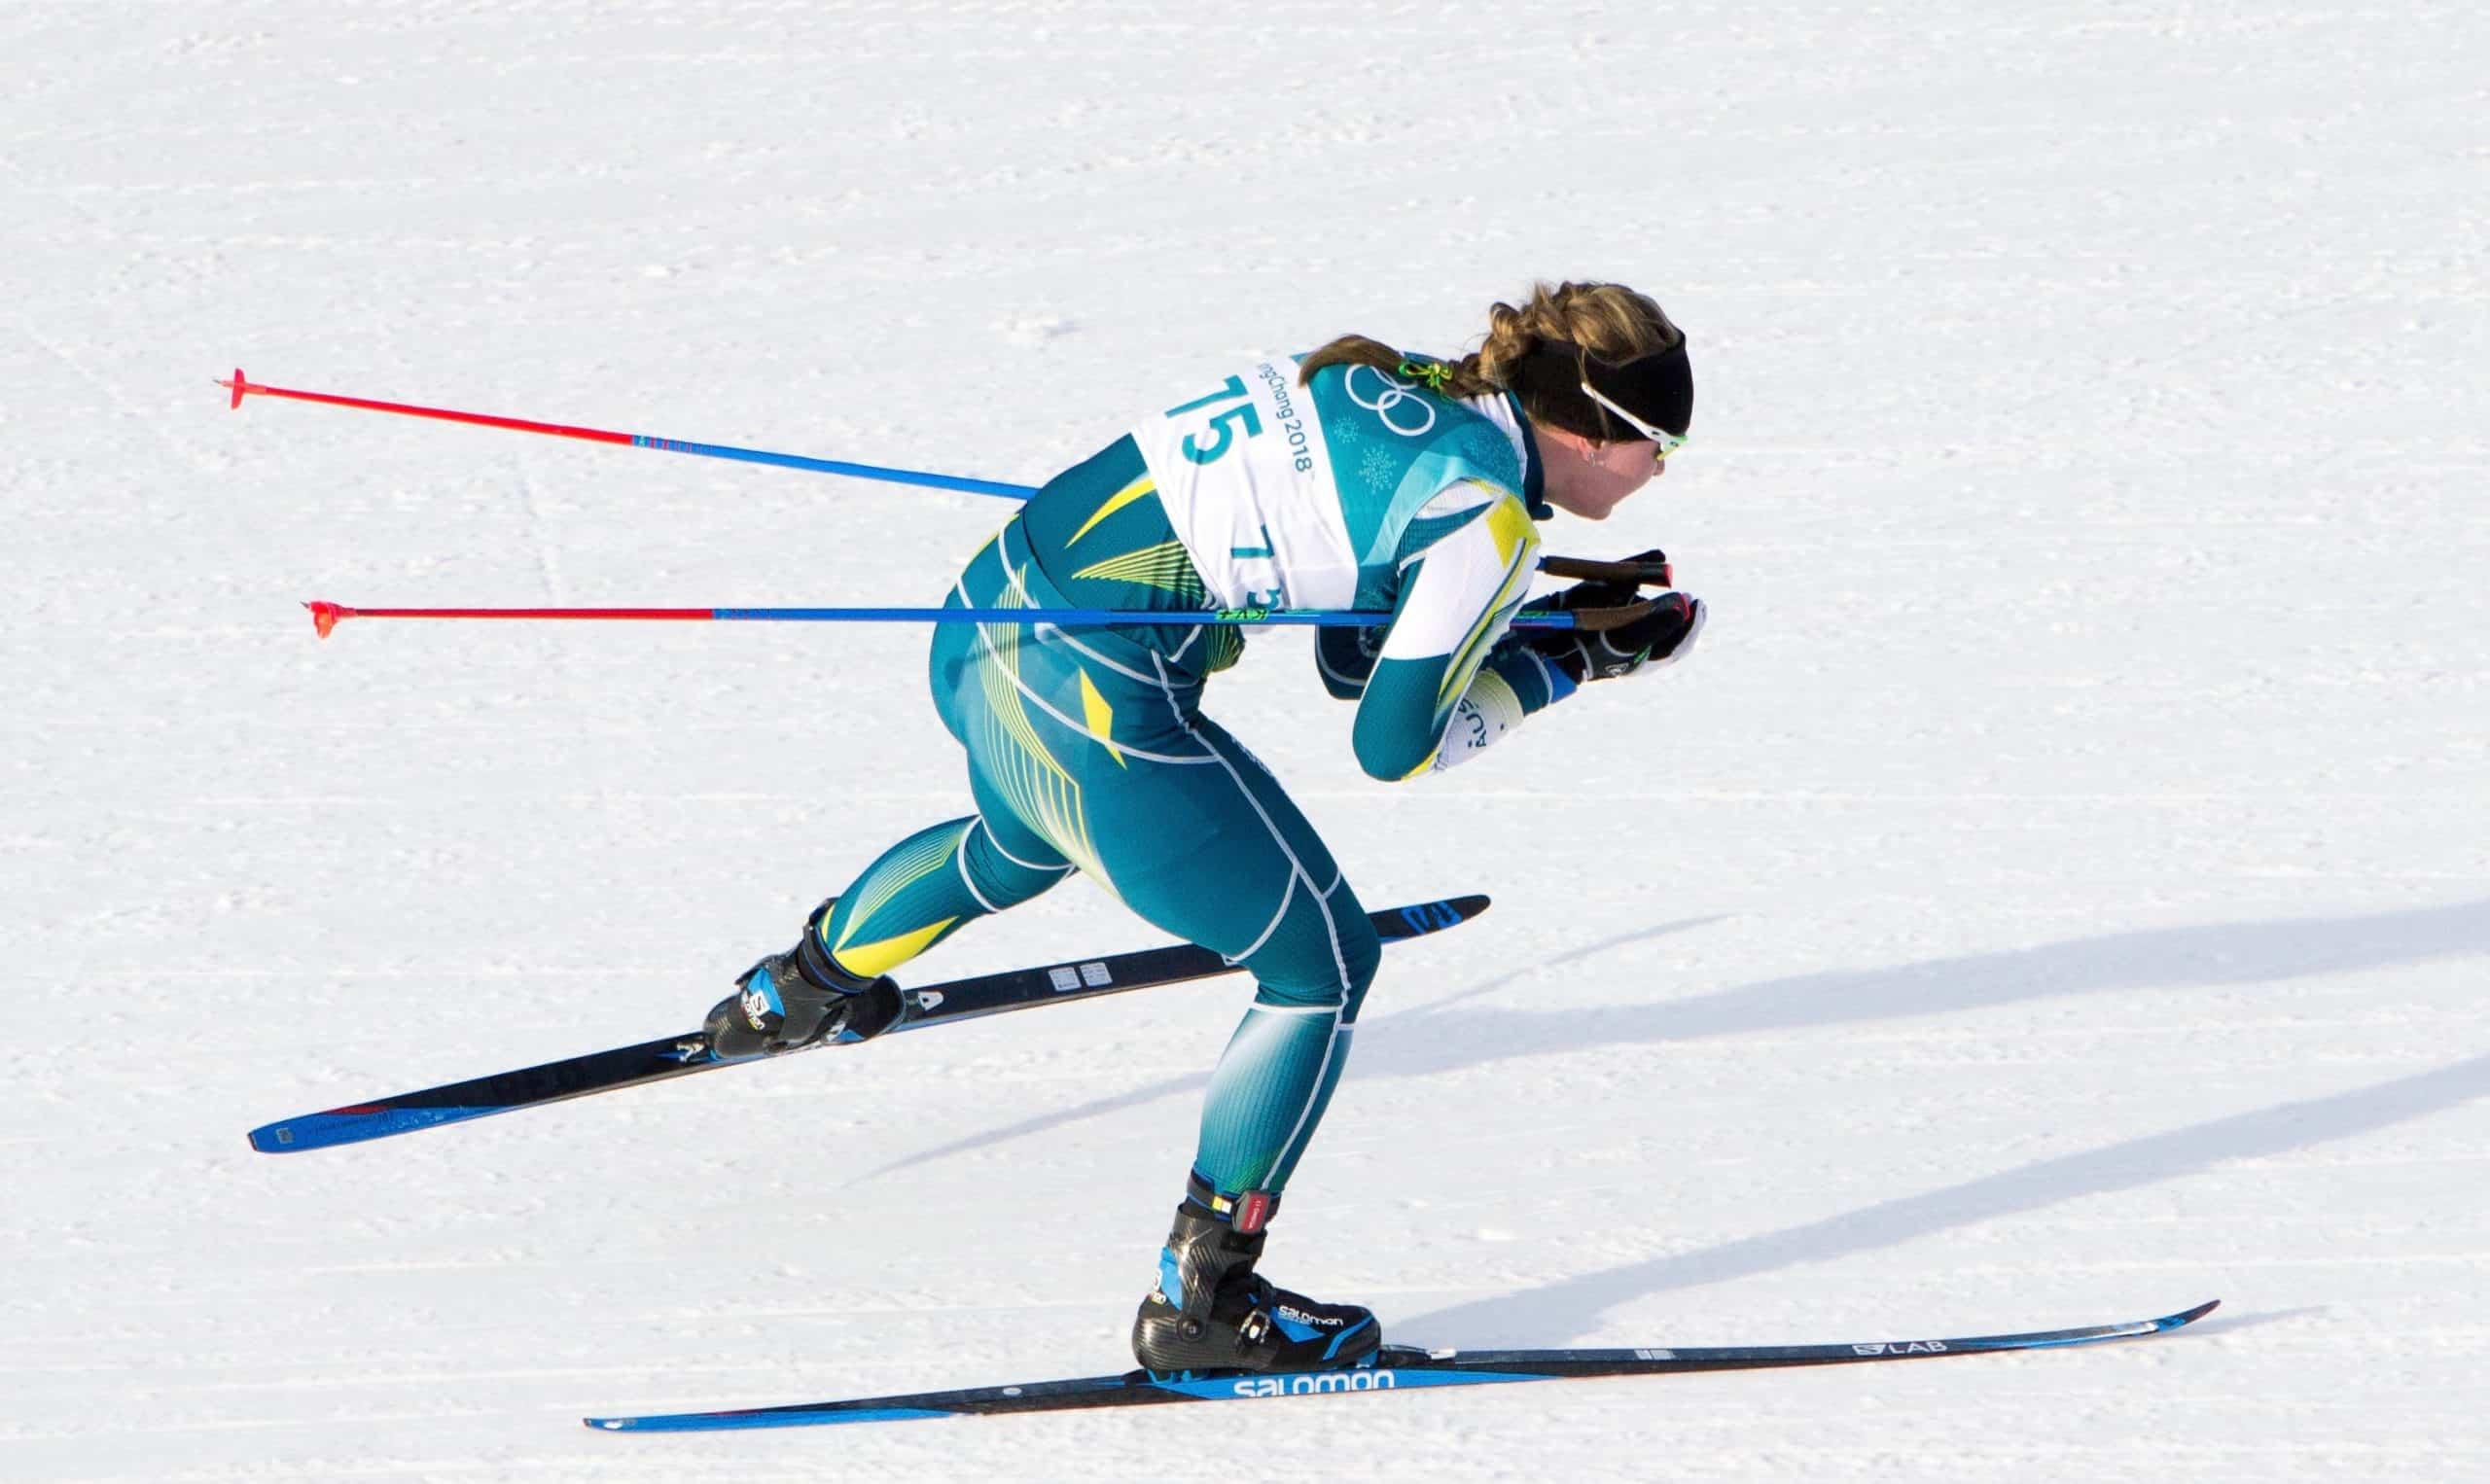 XC Skier